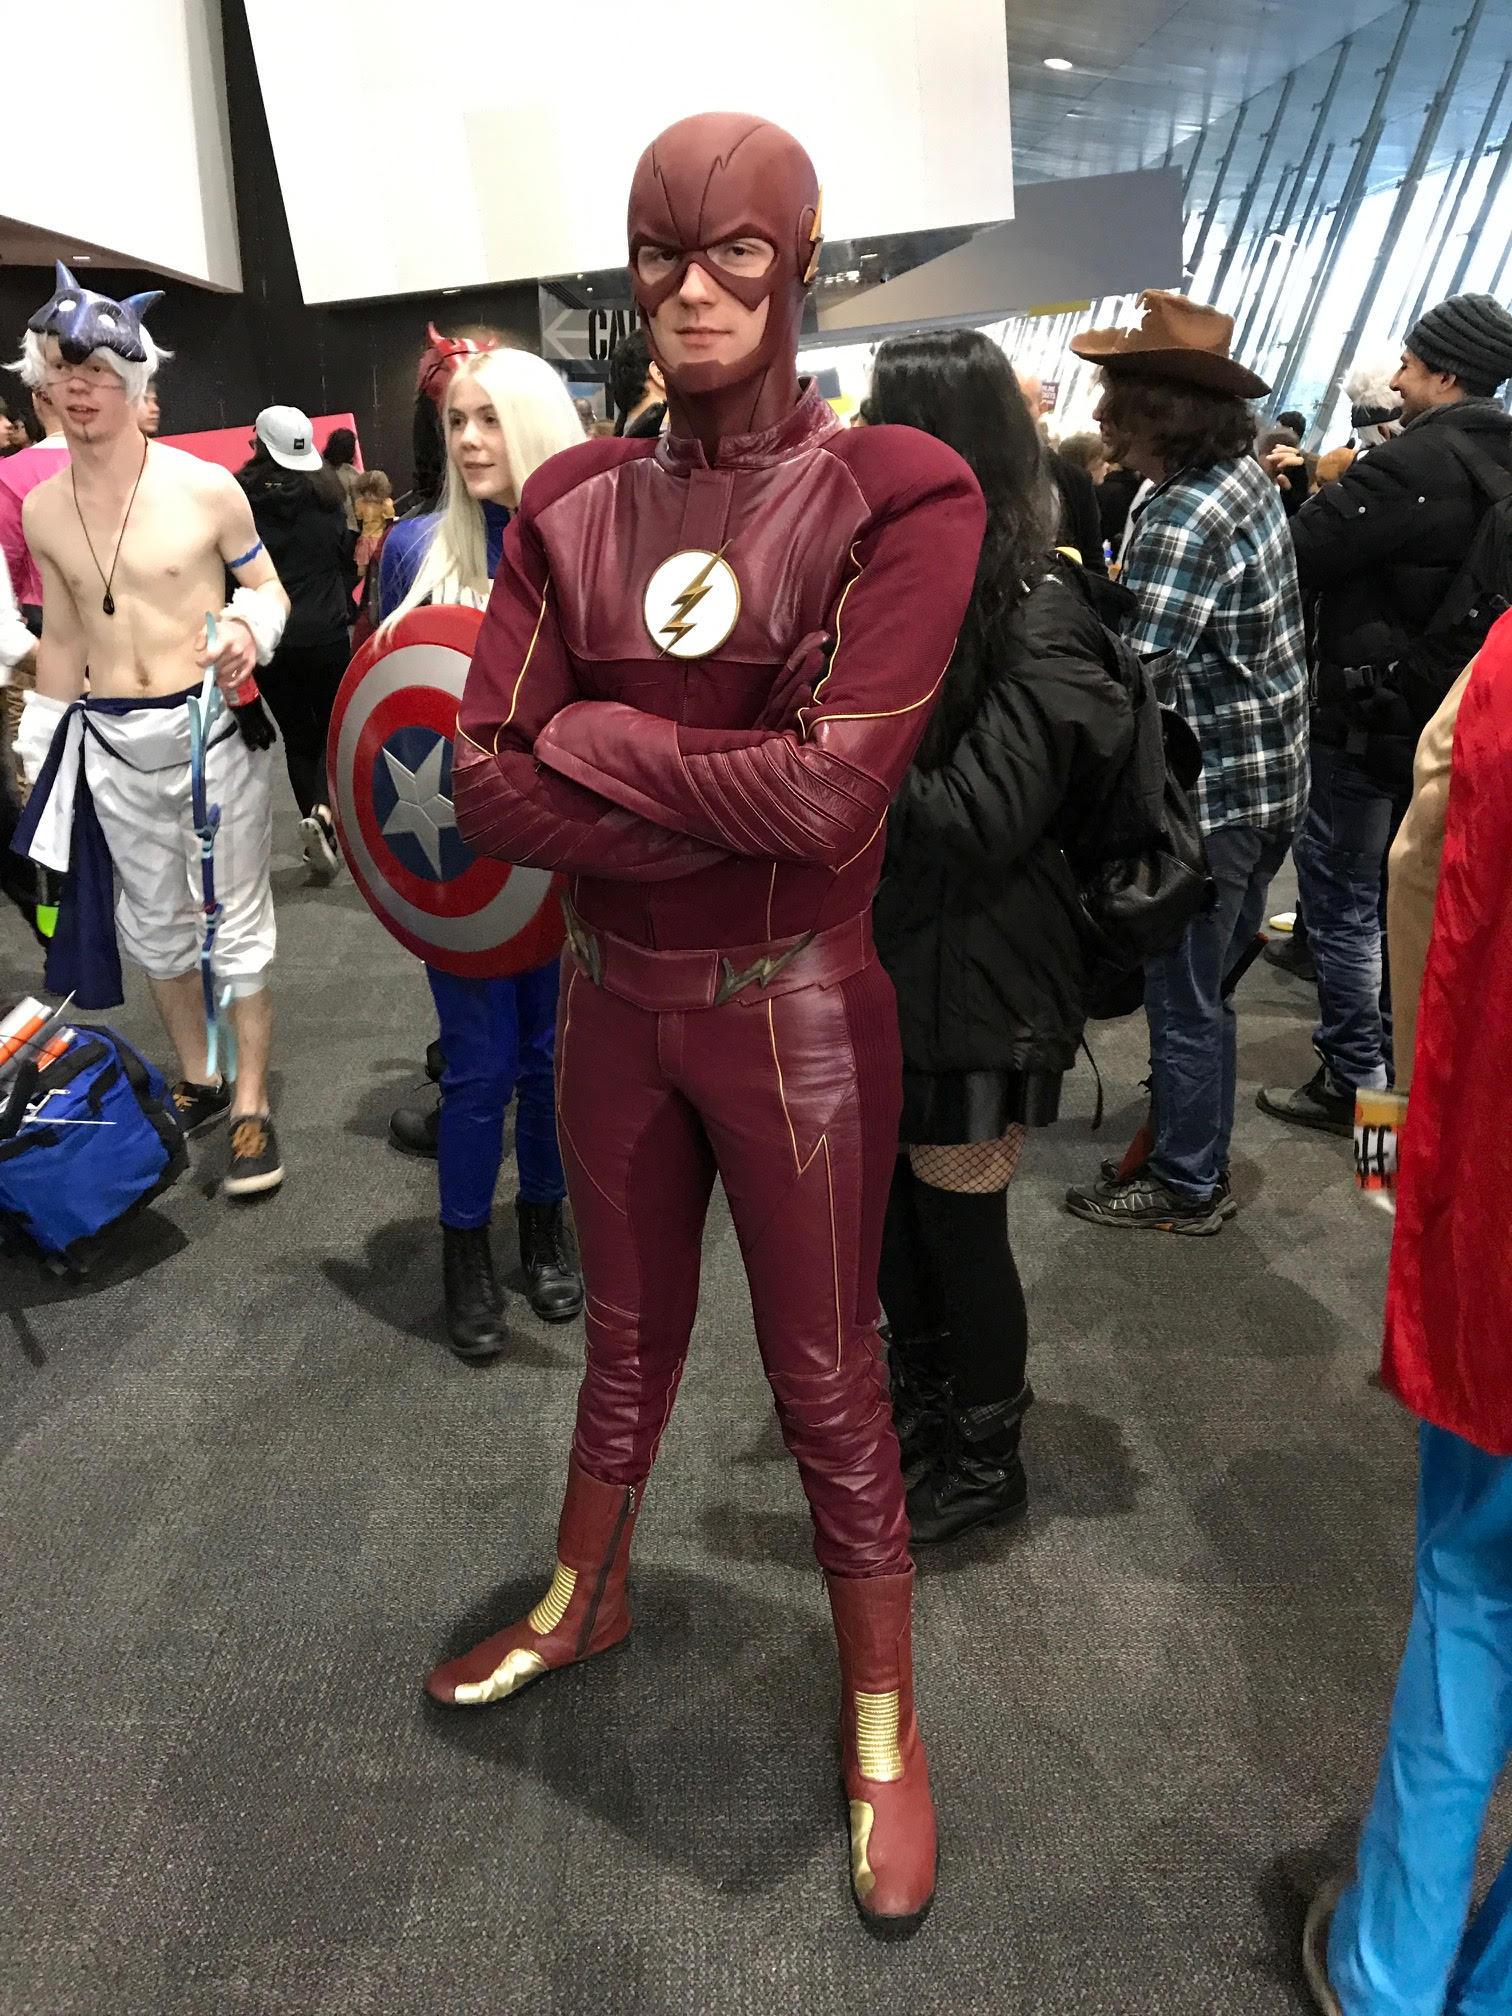 Run Barry Run!